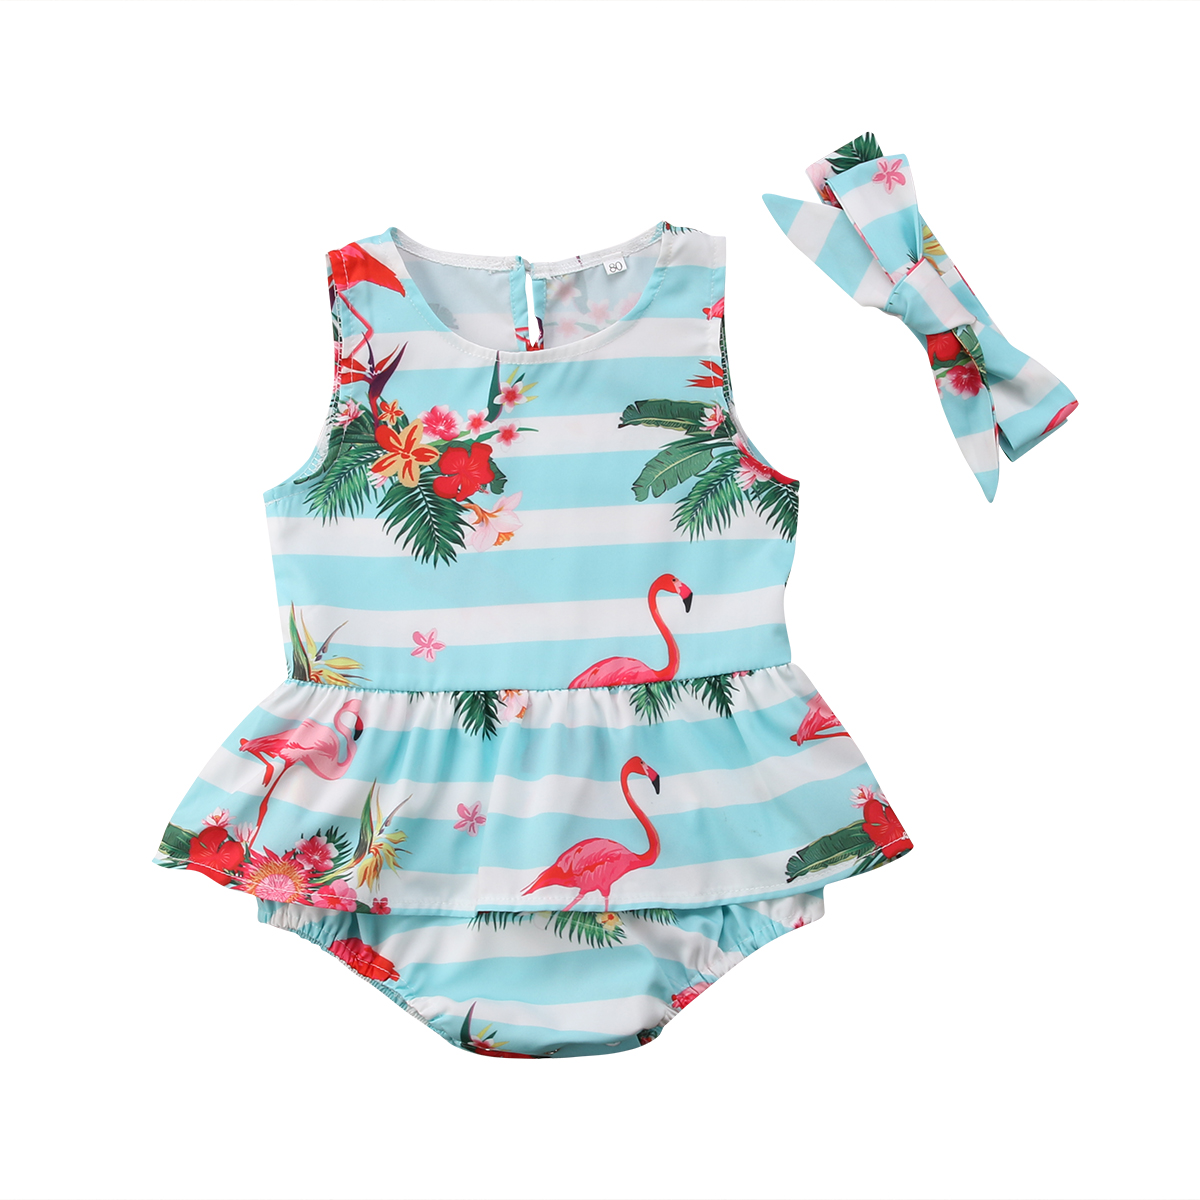 0-24 Mt Floral Flamingo Drucken Newborn Kleinkind Baby Mädchen Spielanzug Baumwollsleeveless Overall Mit Stirnband Sunsuit